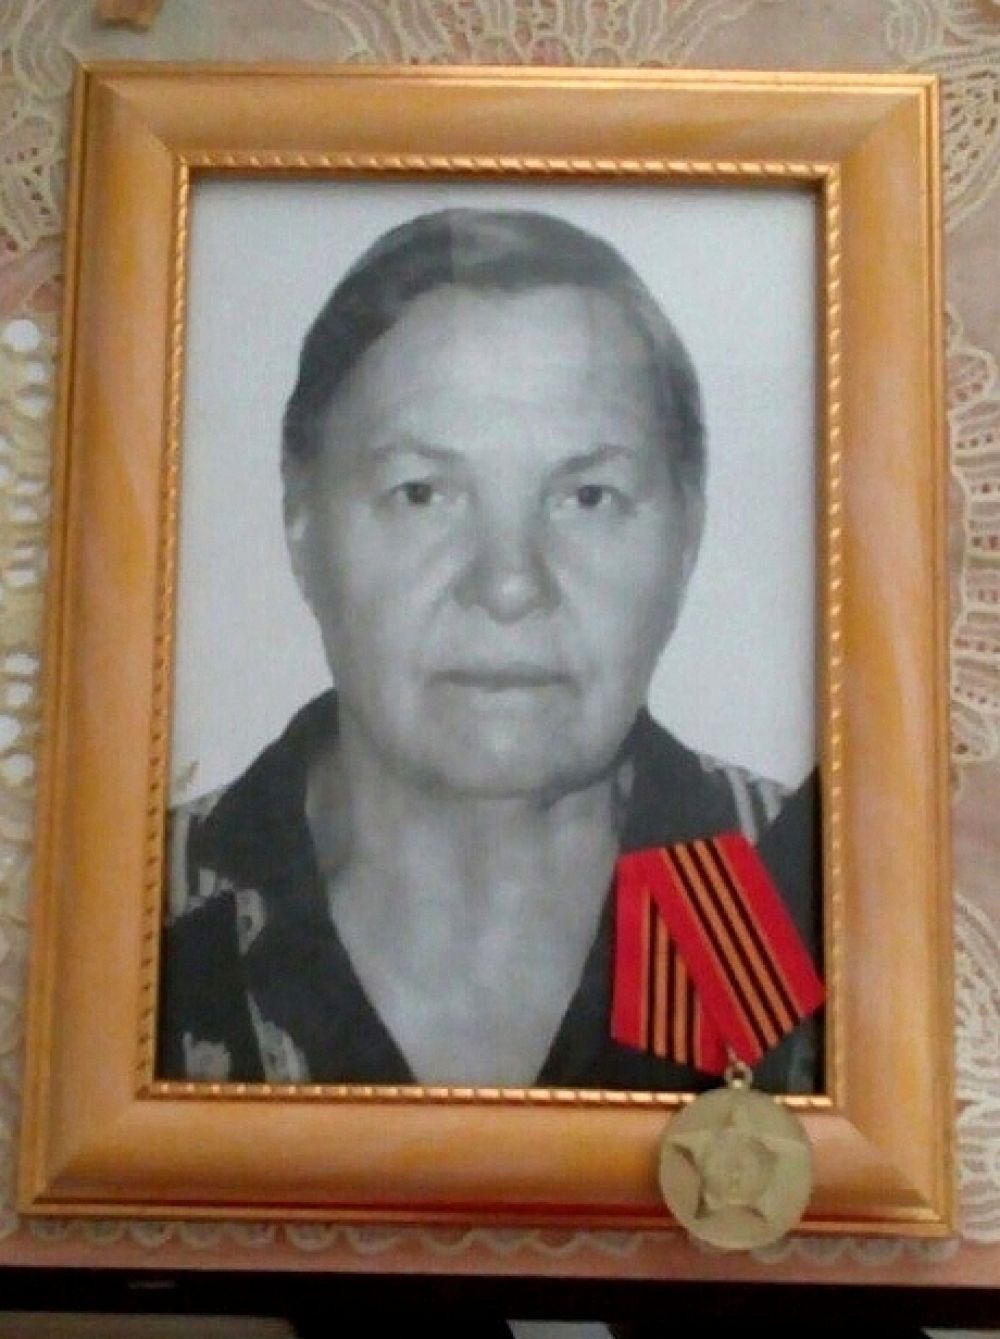 Зоя Джорохян, менеджер по рекламе «АиФ-Юг»: Пелагея Петровна Панченко. Ребенком работала на полях в Тбилисском районе. После войны работала нянечкой в детском саду.